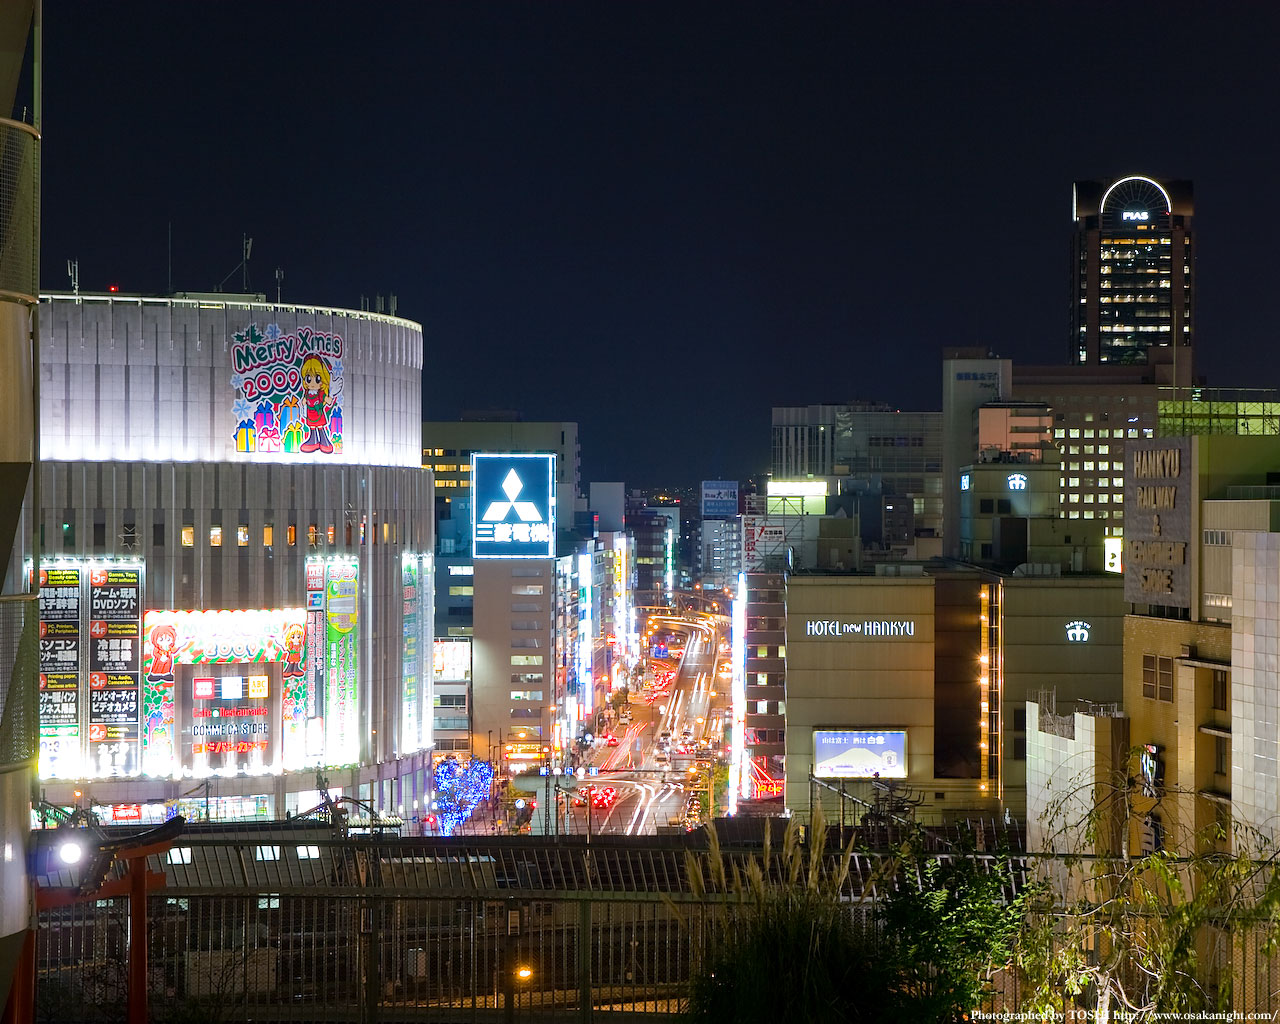 北方向ヨドバシカメラ方面の夜景